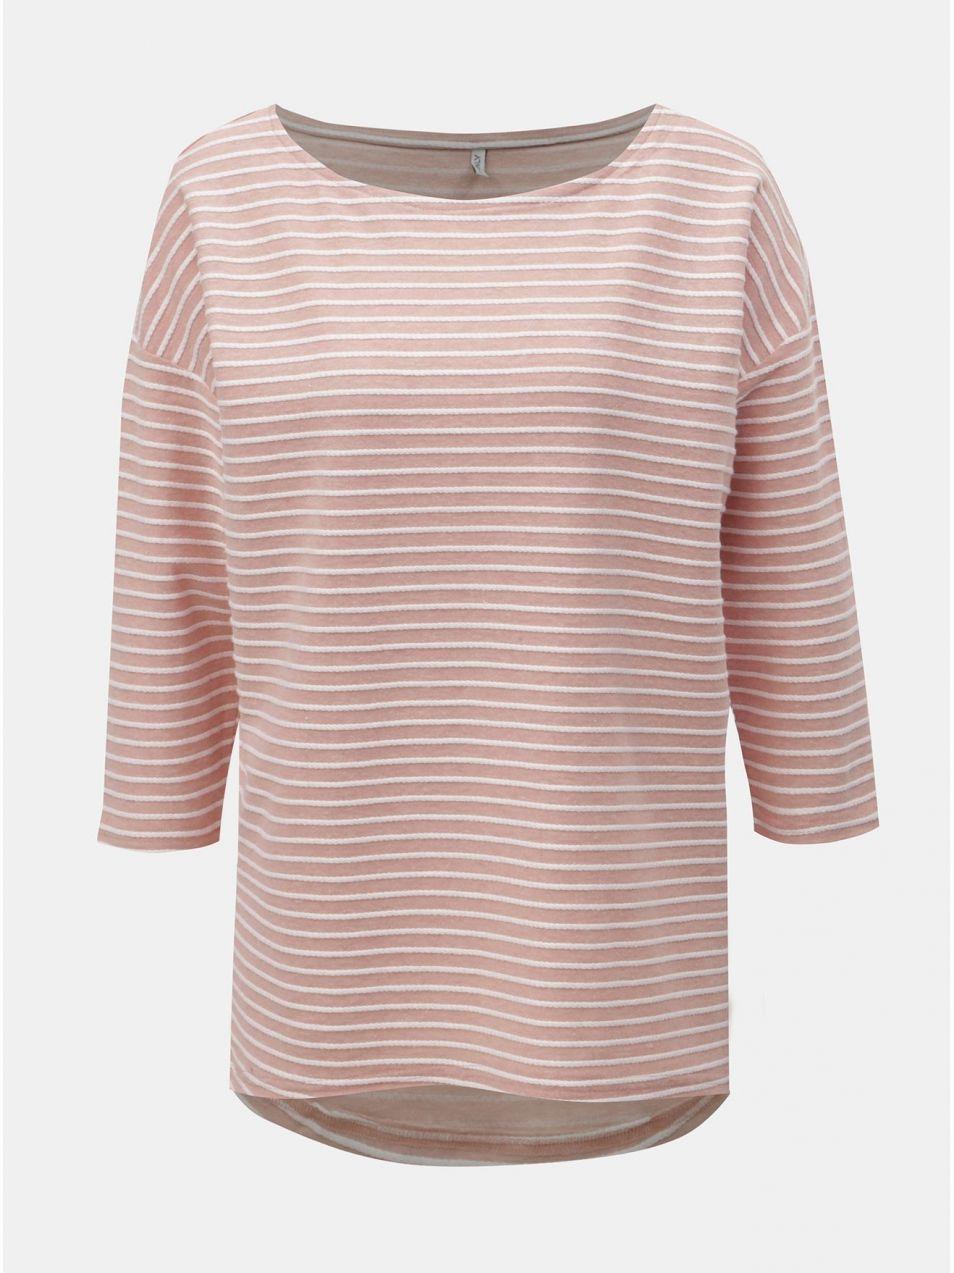 9356f61c8 Bielo–ružové pruhované tričko s 3/4 rukávmi ONLY Elly značky ONLY ...